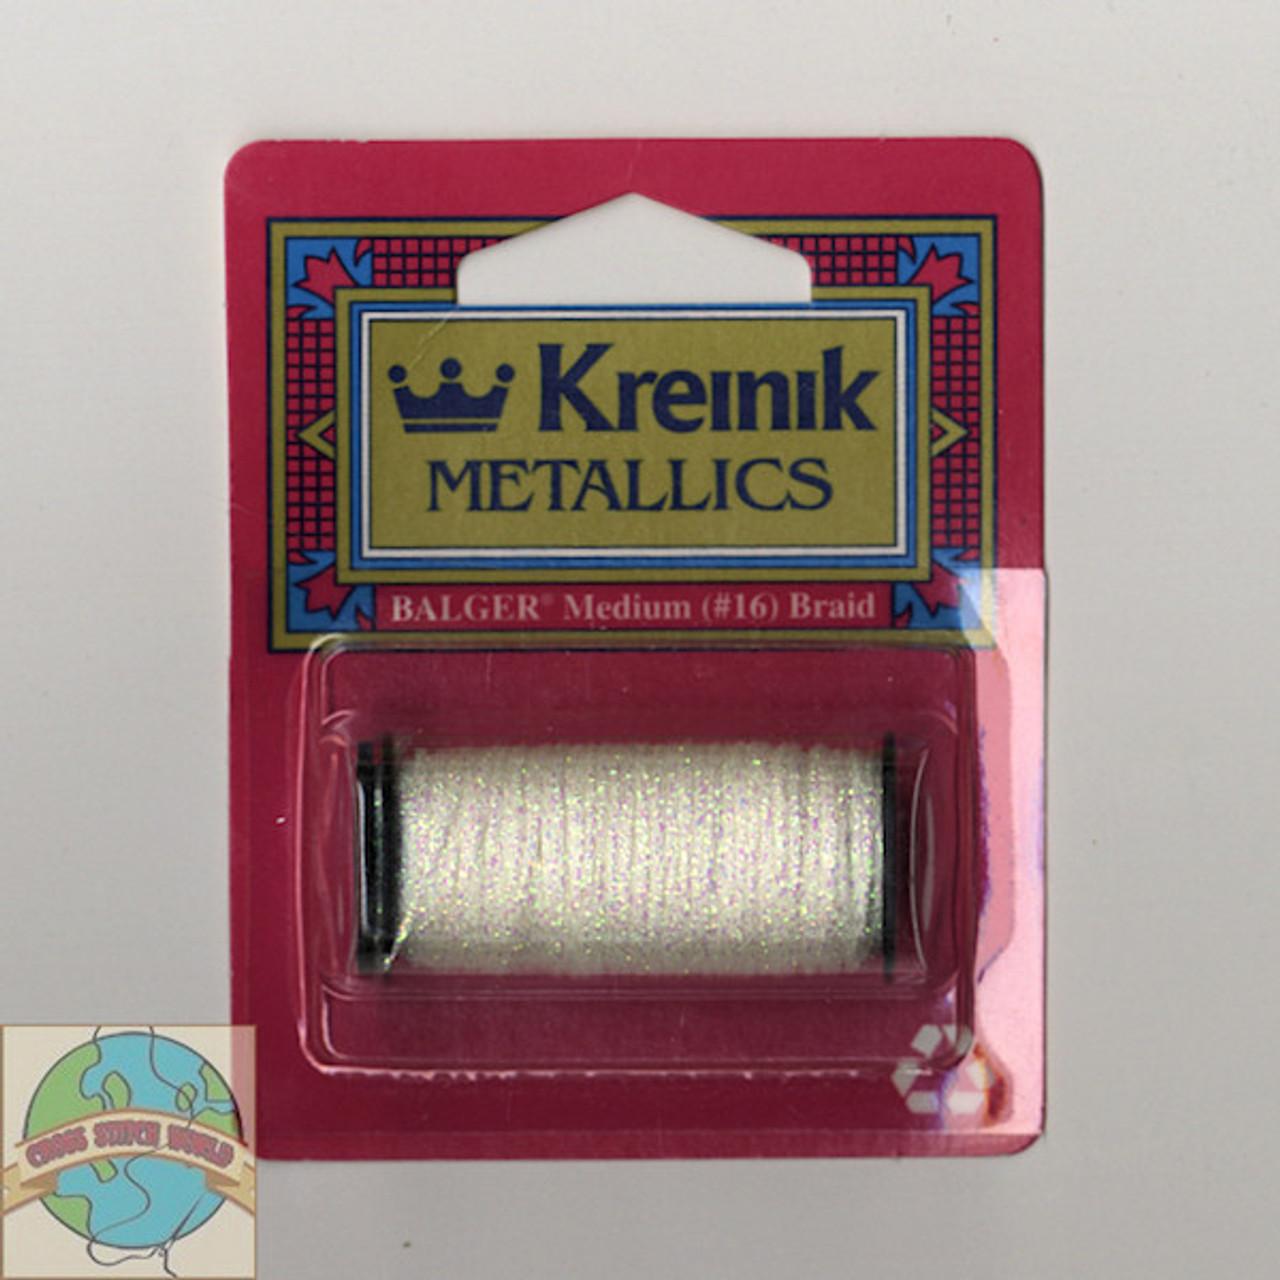 Kreinik Metallics - Medium #16 Pearl 032